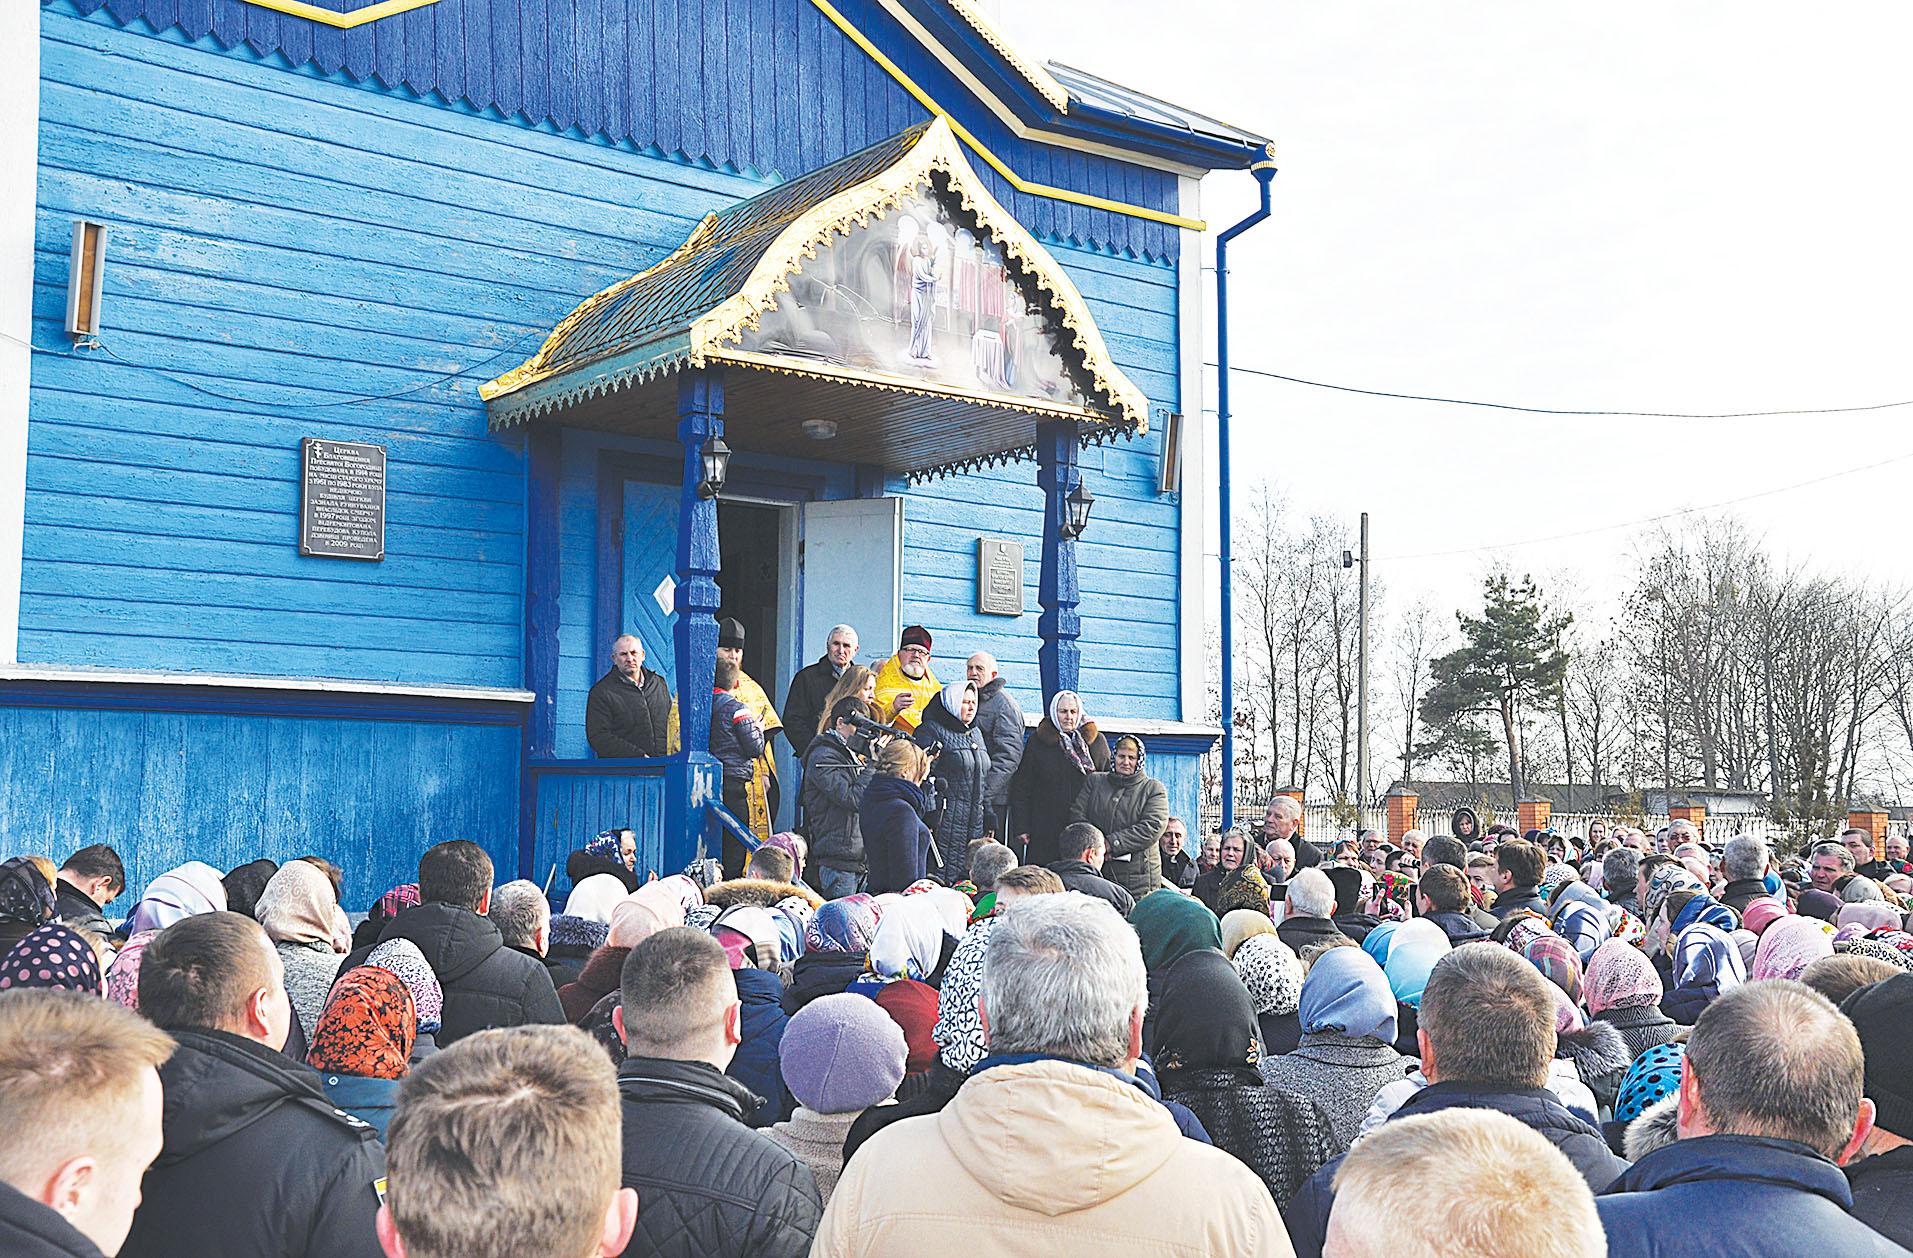 Суд розгляне скаргу волинського священика УПЦ МП на рішення сільради опечатати храм і передати ключі сільському голові